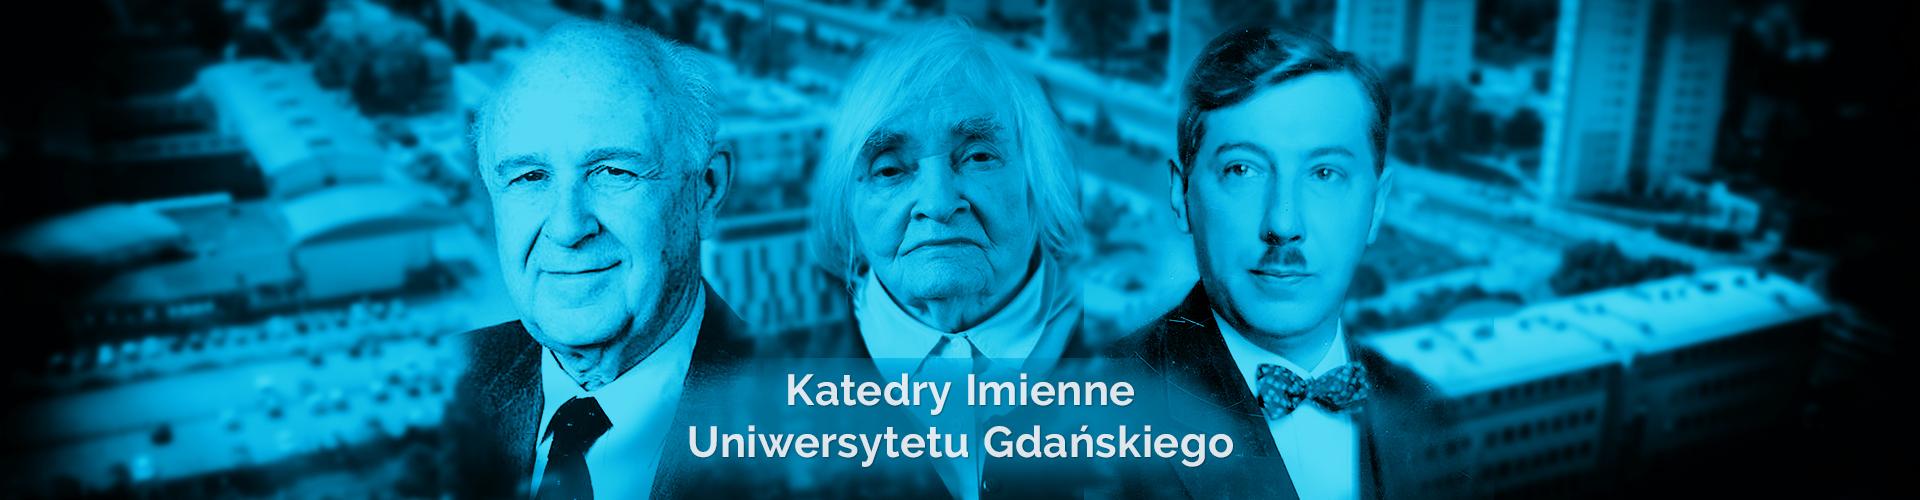 prof. Maria Janion, Eugeniusz Kwiatkowski i prof. Wacław Szybalski – to patroni Katedr Imiennych, które powołane zostaną na UG